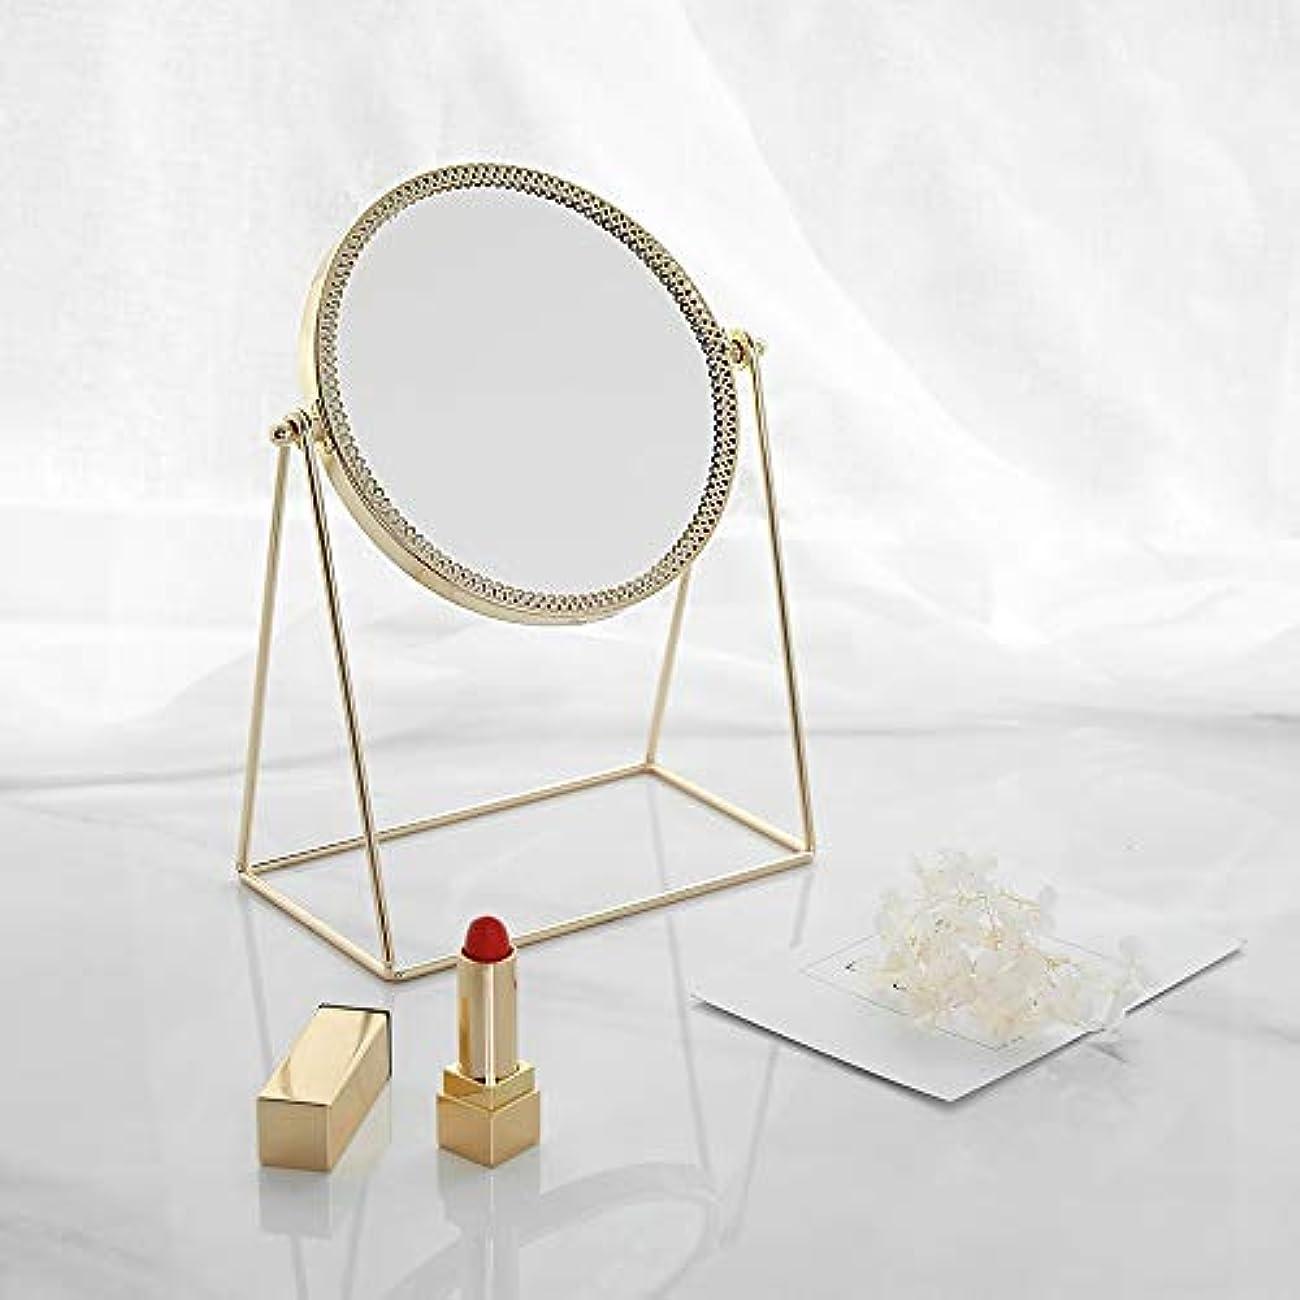 フレキシブルアレルギー改善する流行の 現代の創造性ゴールドラウンドアイアンフレーム+ミラーデスクトップミラー/化粧鏡